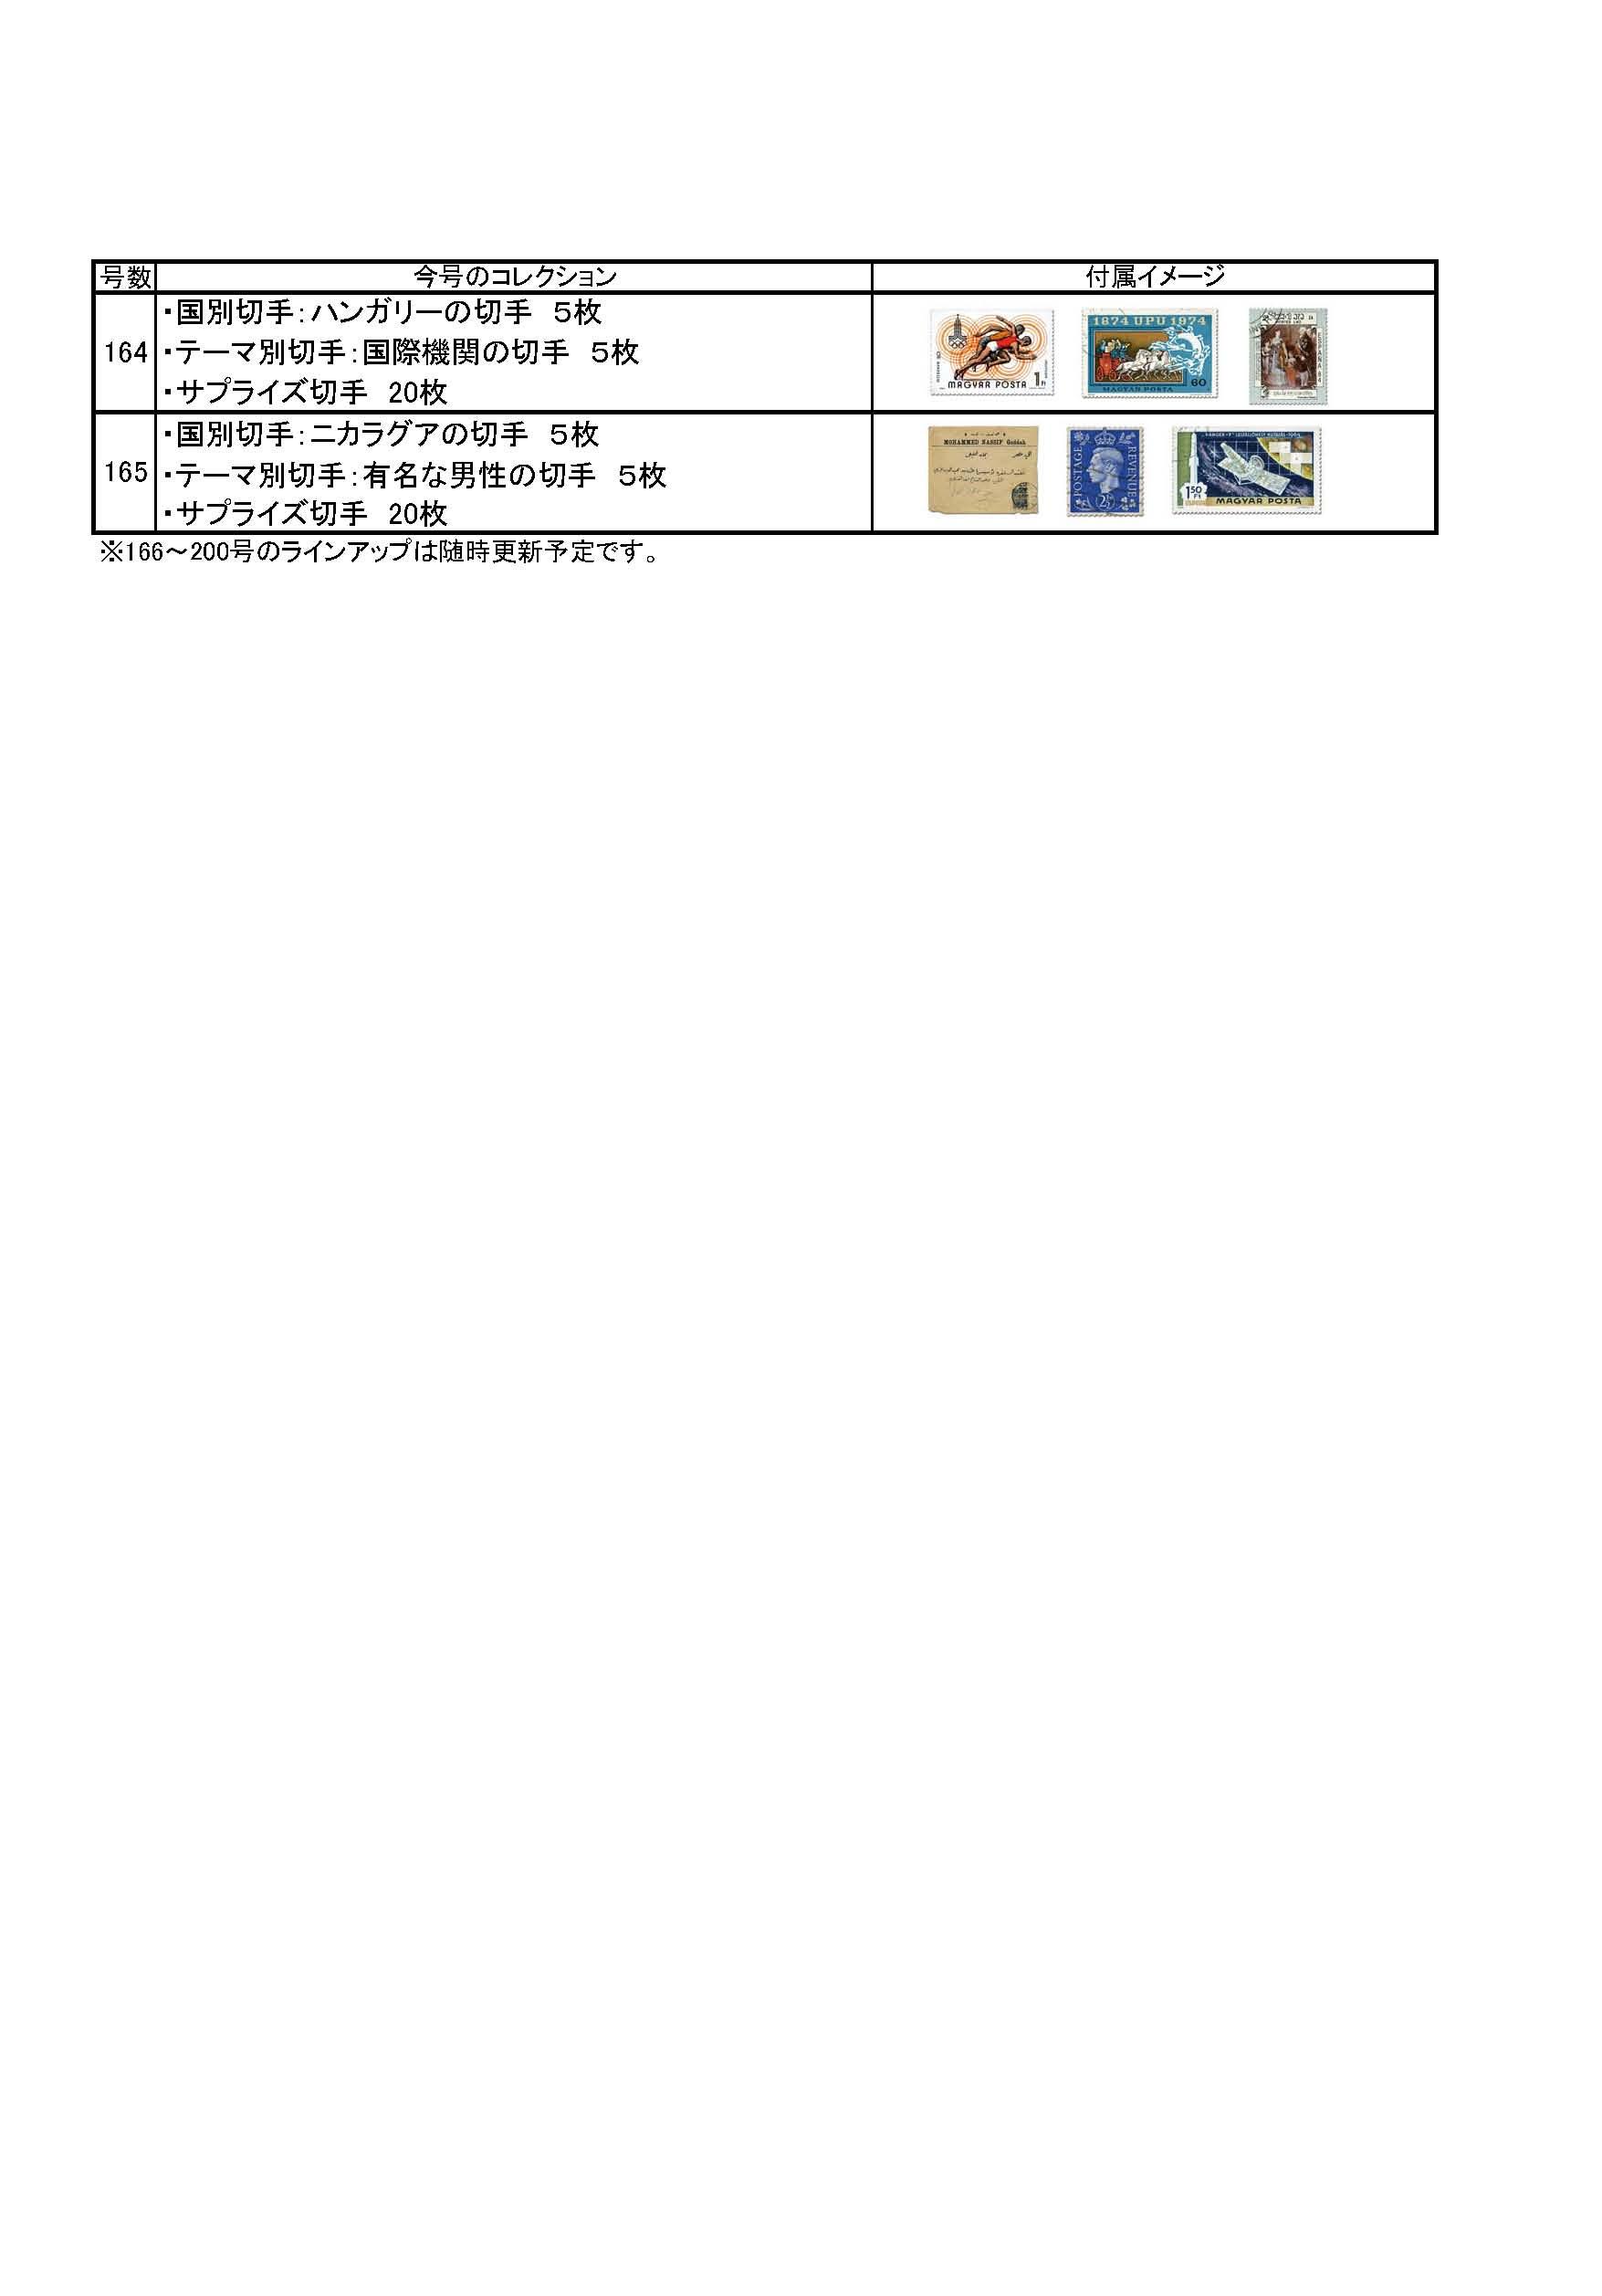 付属切手ラインナップ_20170817 (1)_ページ_12.jpg